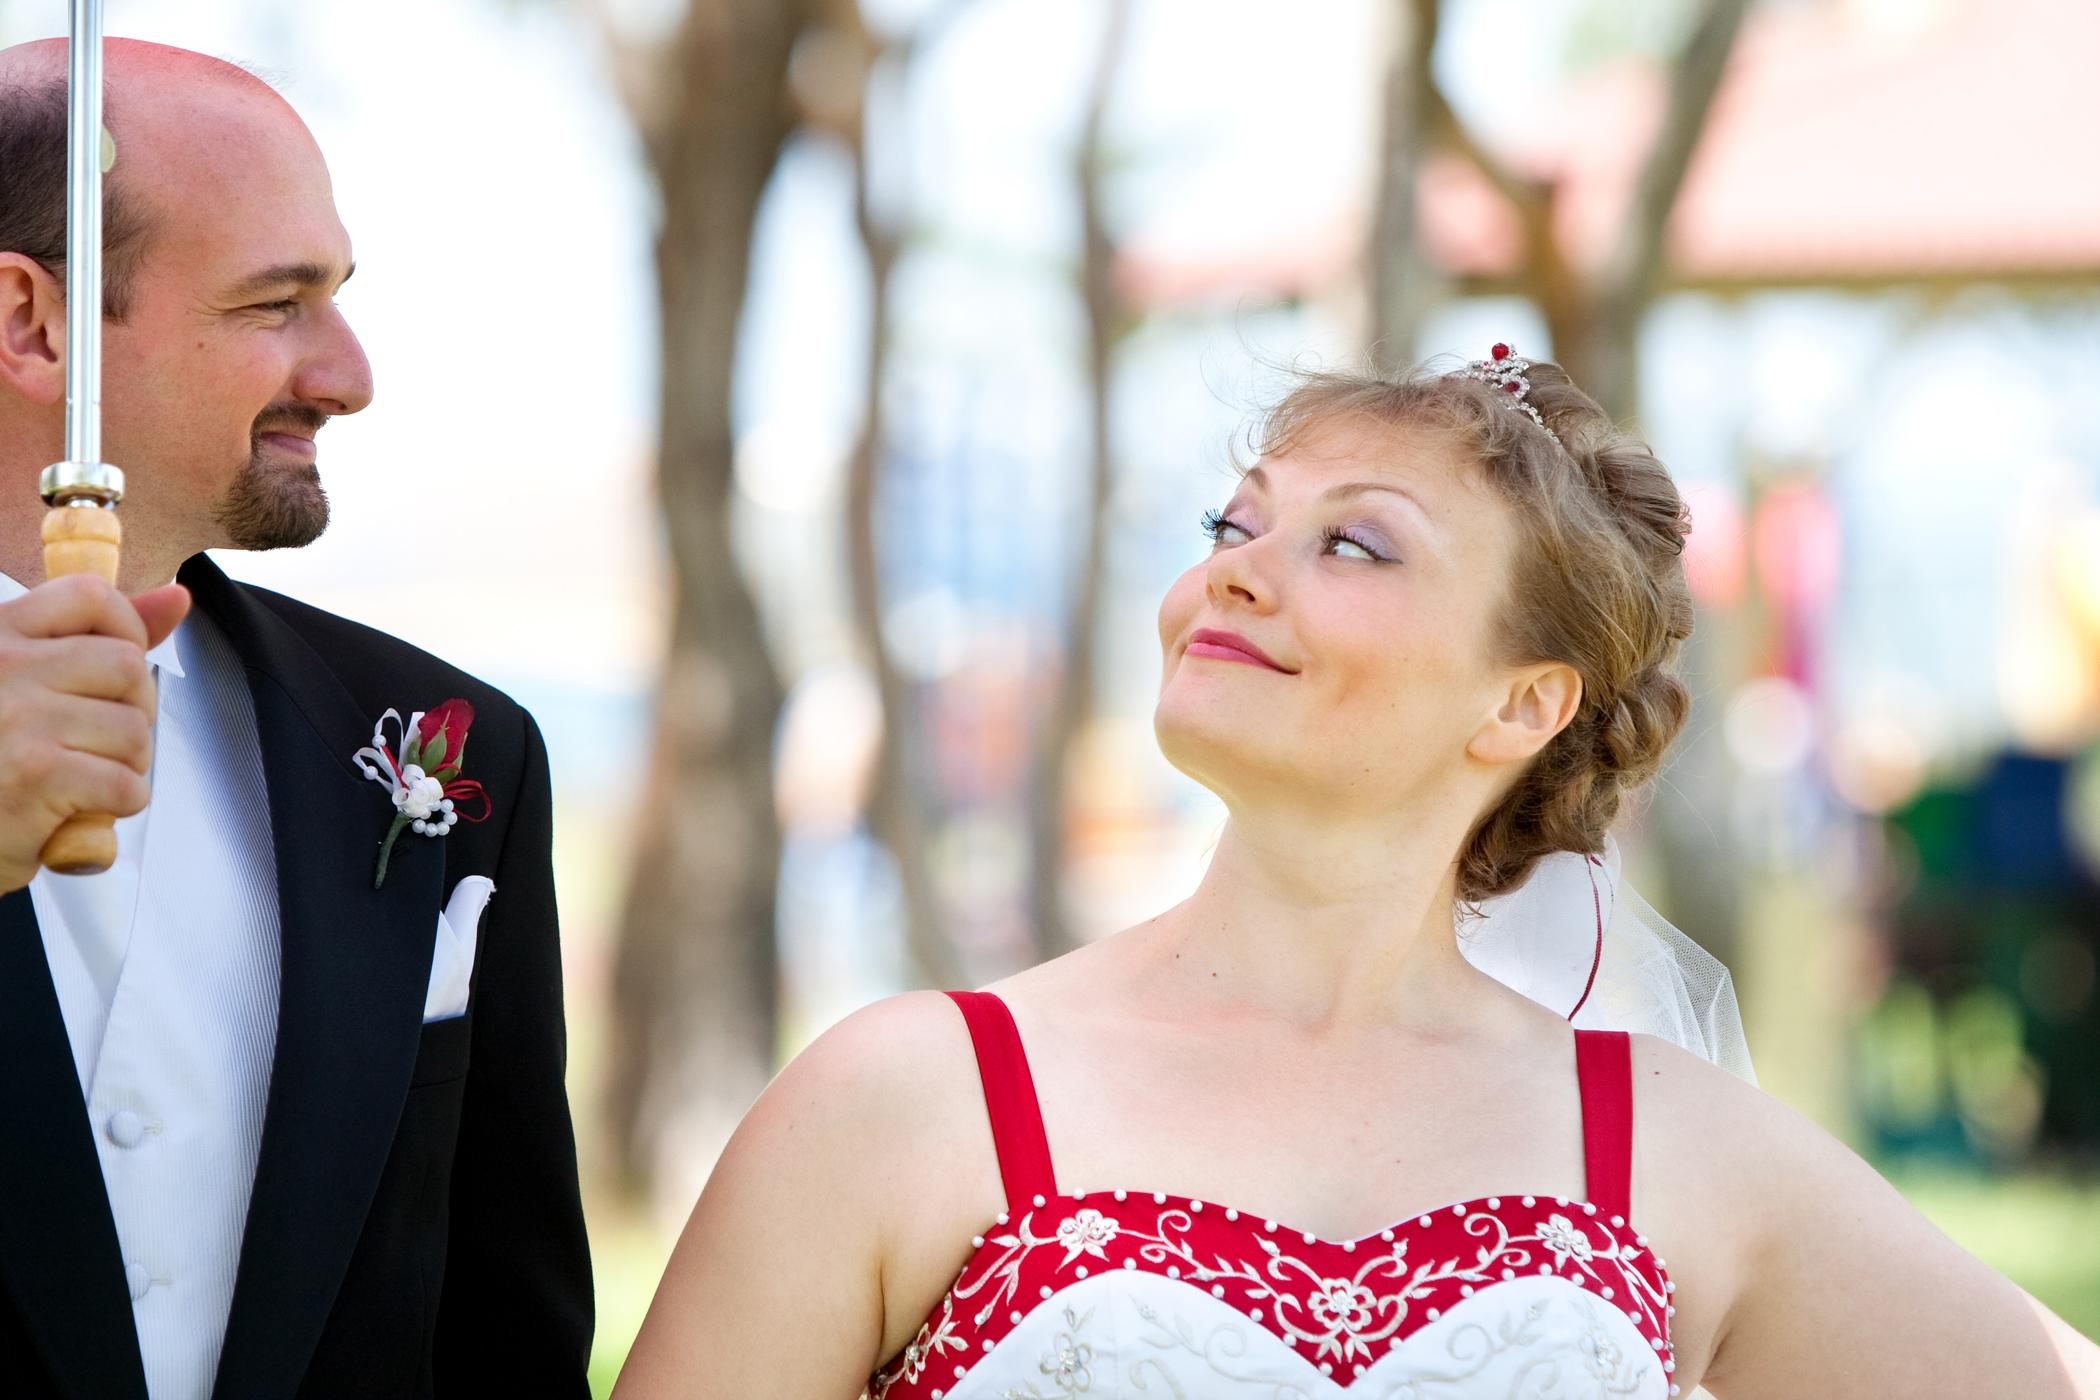 wedding-photography-Sydney-Australia-Sydney-Opera-House_16.jpg